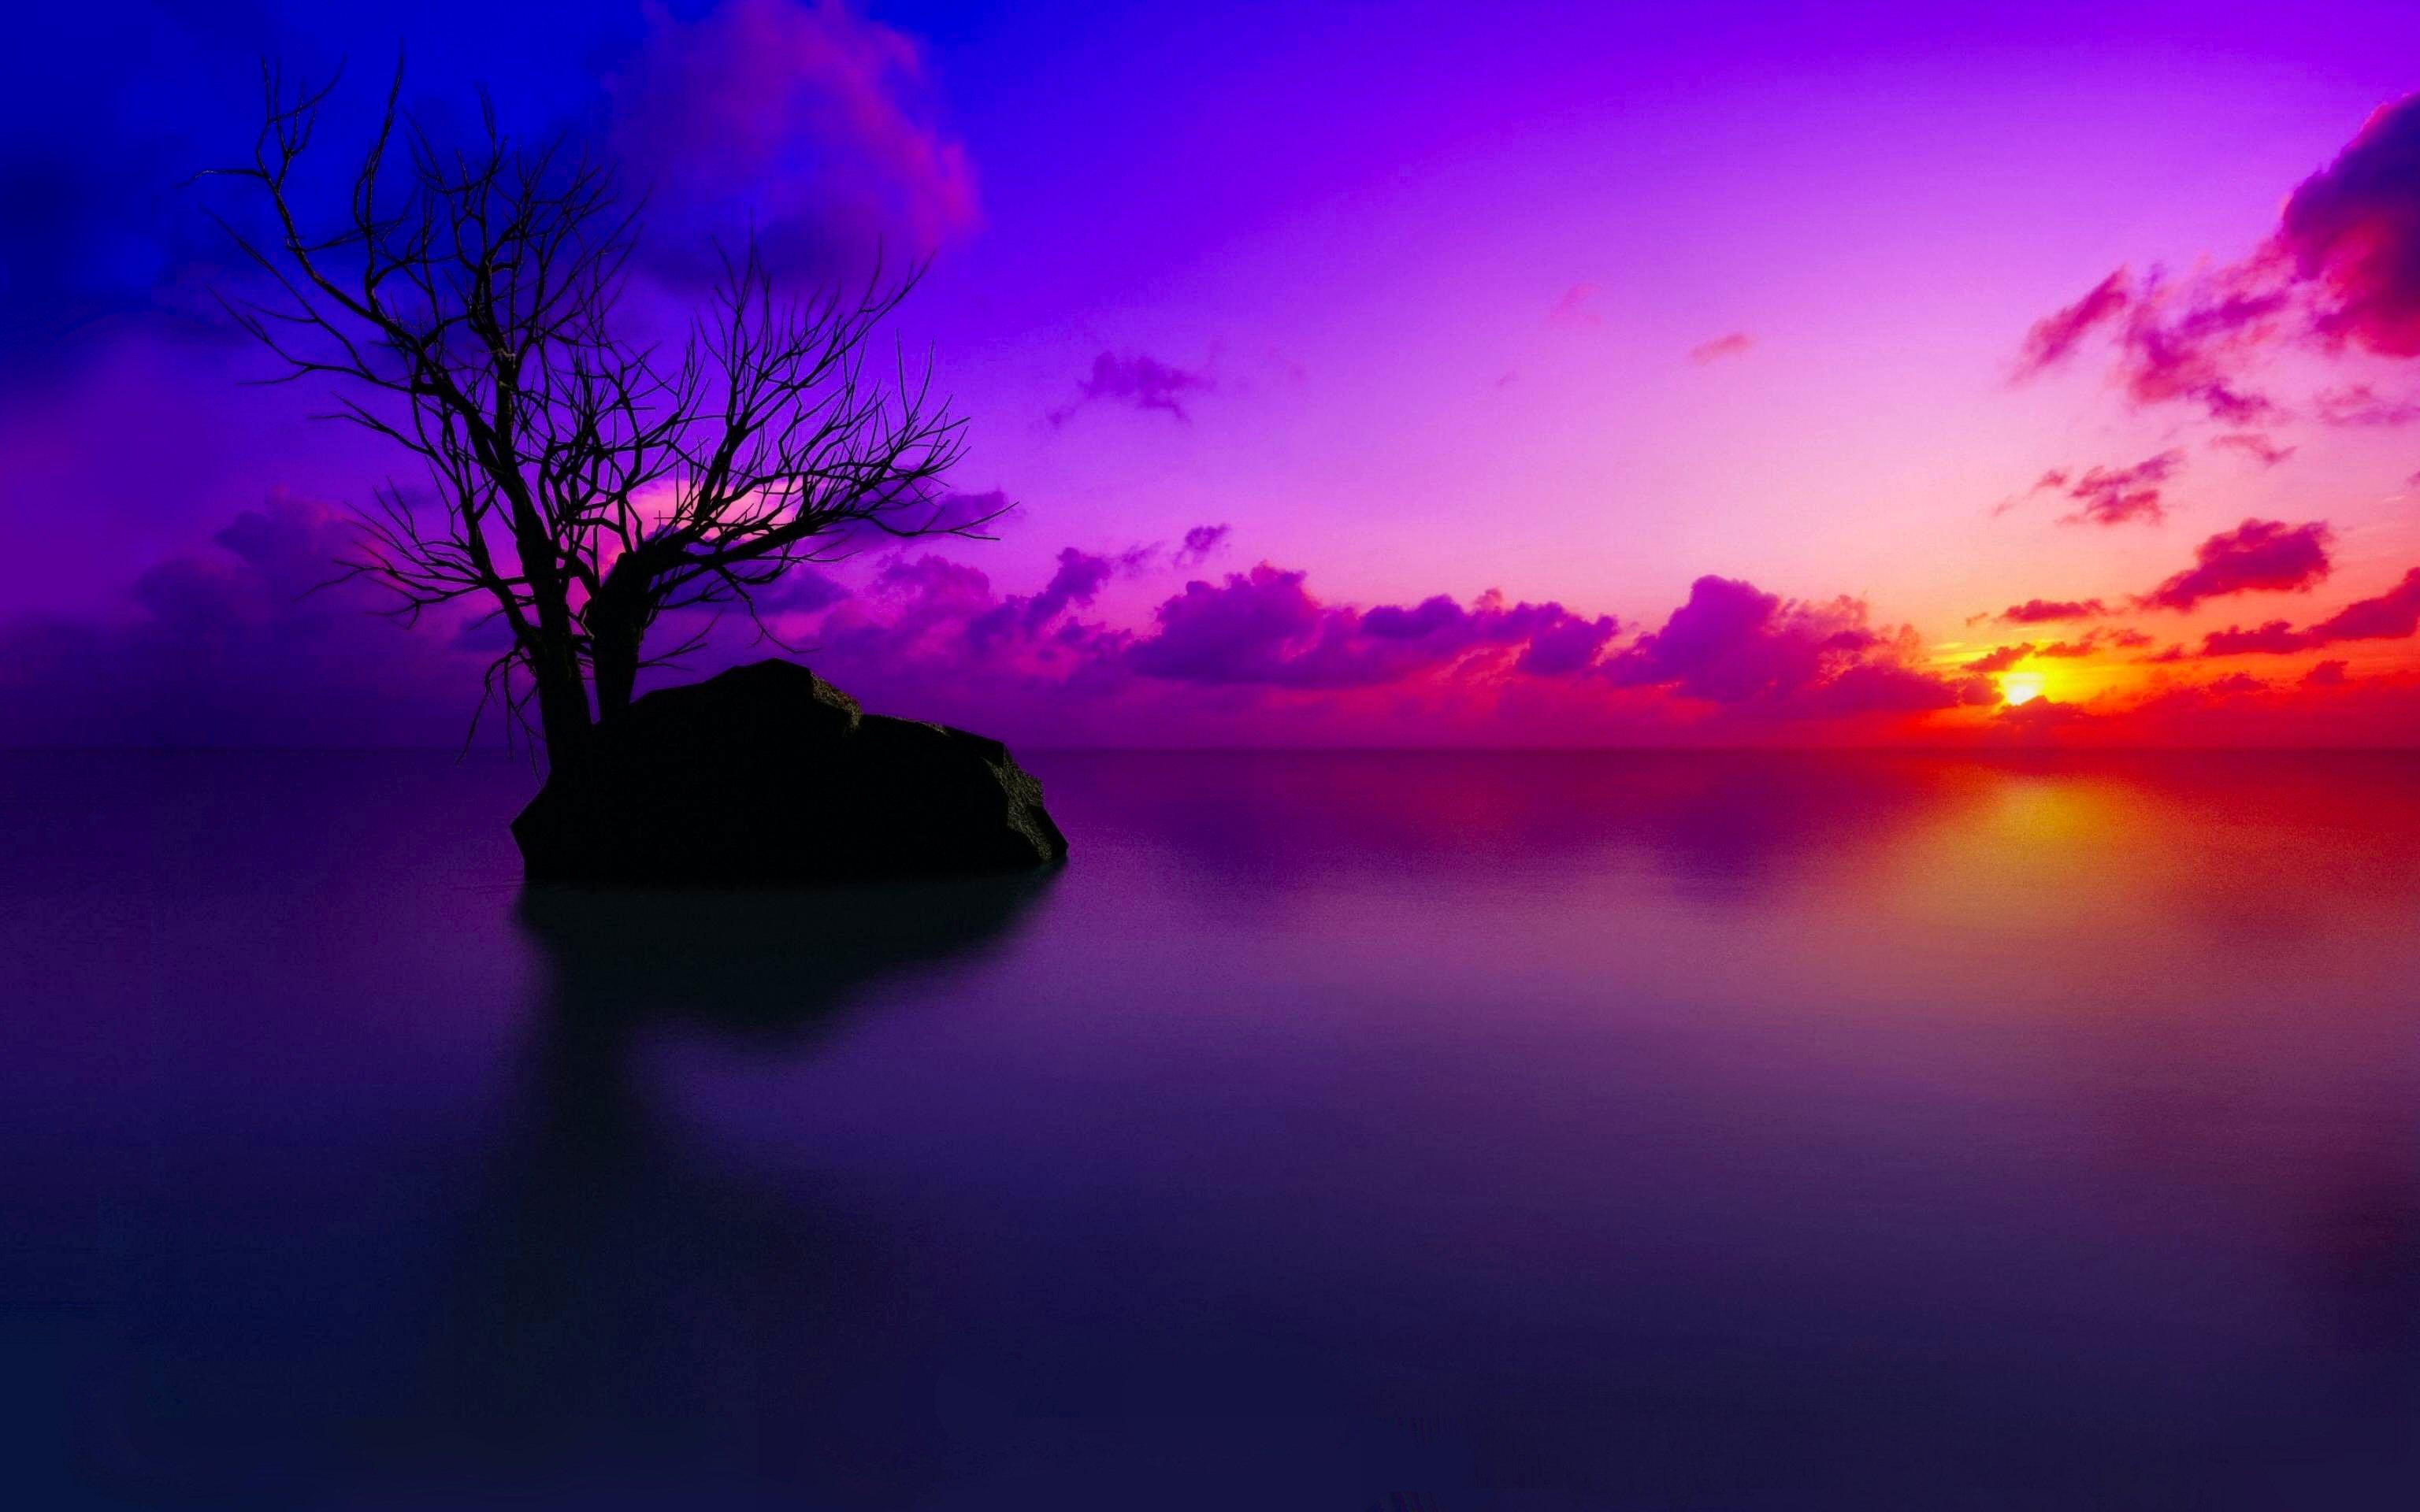 wallpaper of sunset